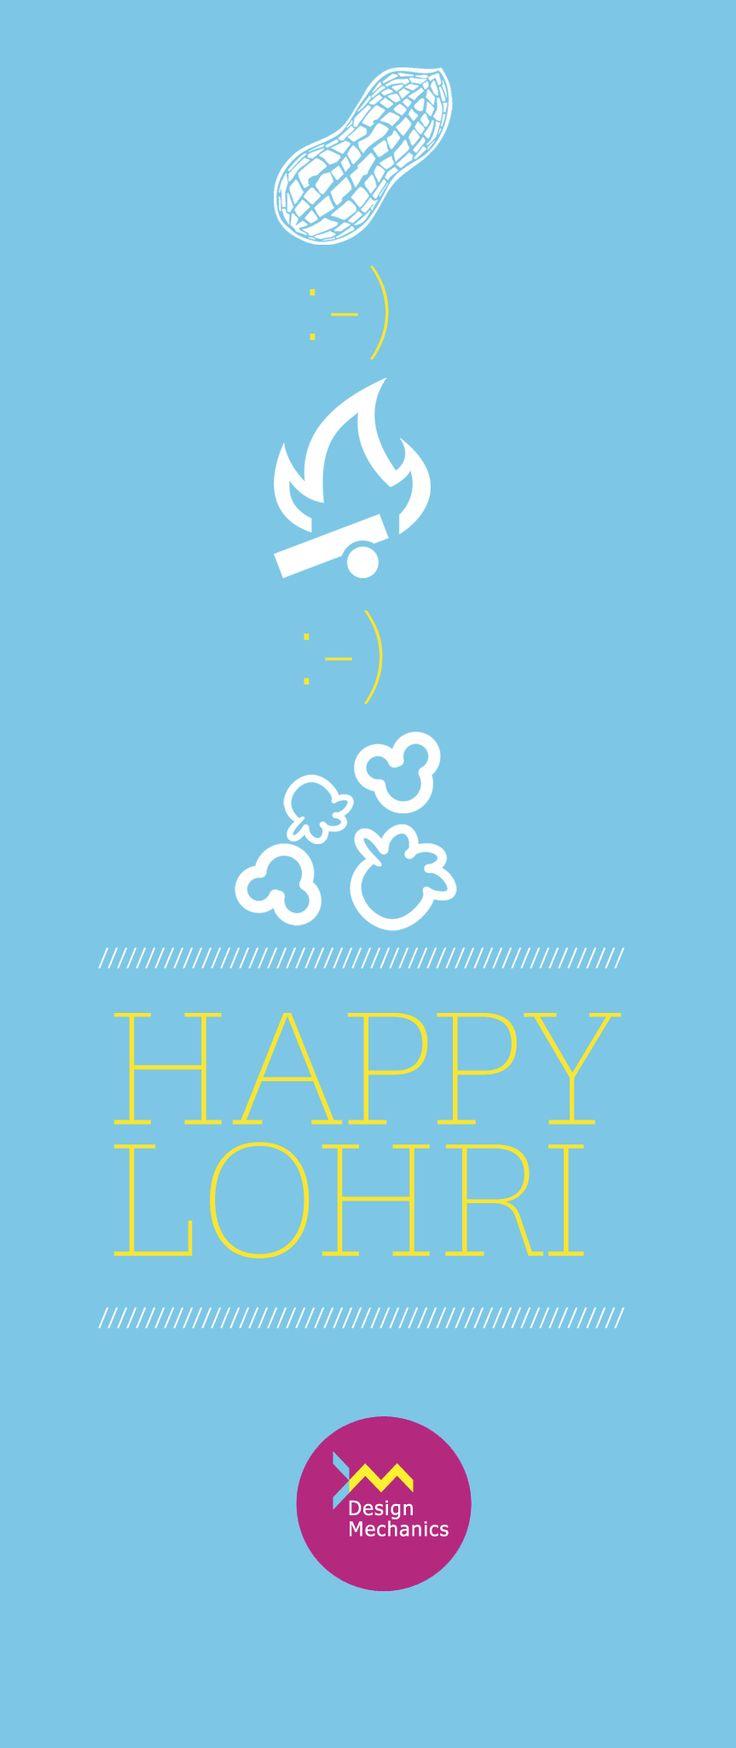 #Design #icons #Happy #Lohri